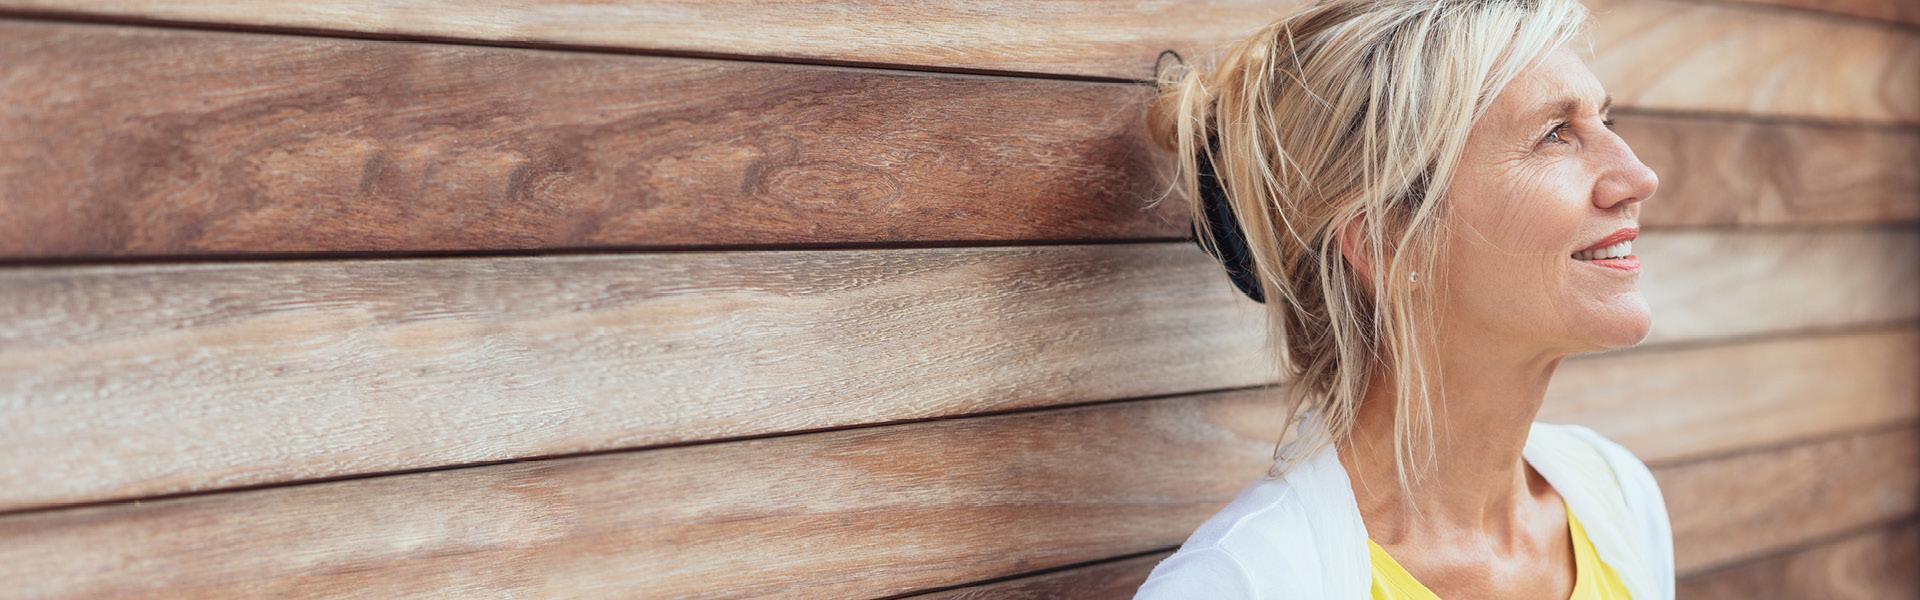 Eine Frau lehnt an einer Holzwand und blickt lächelnd in die Ferne.